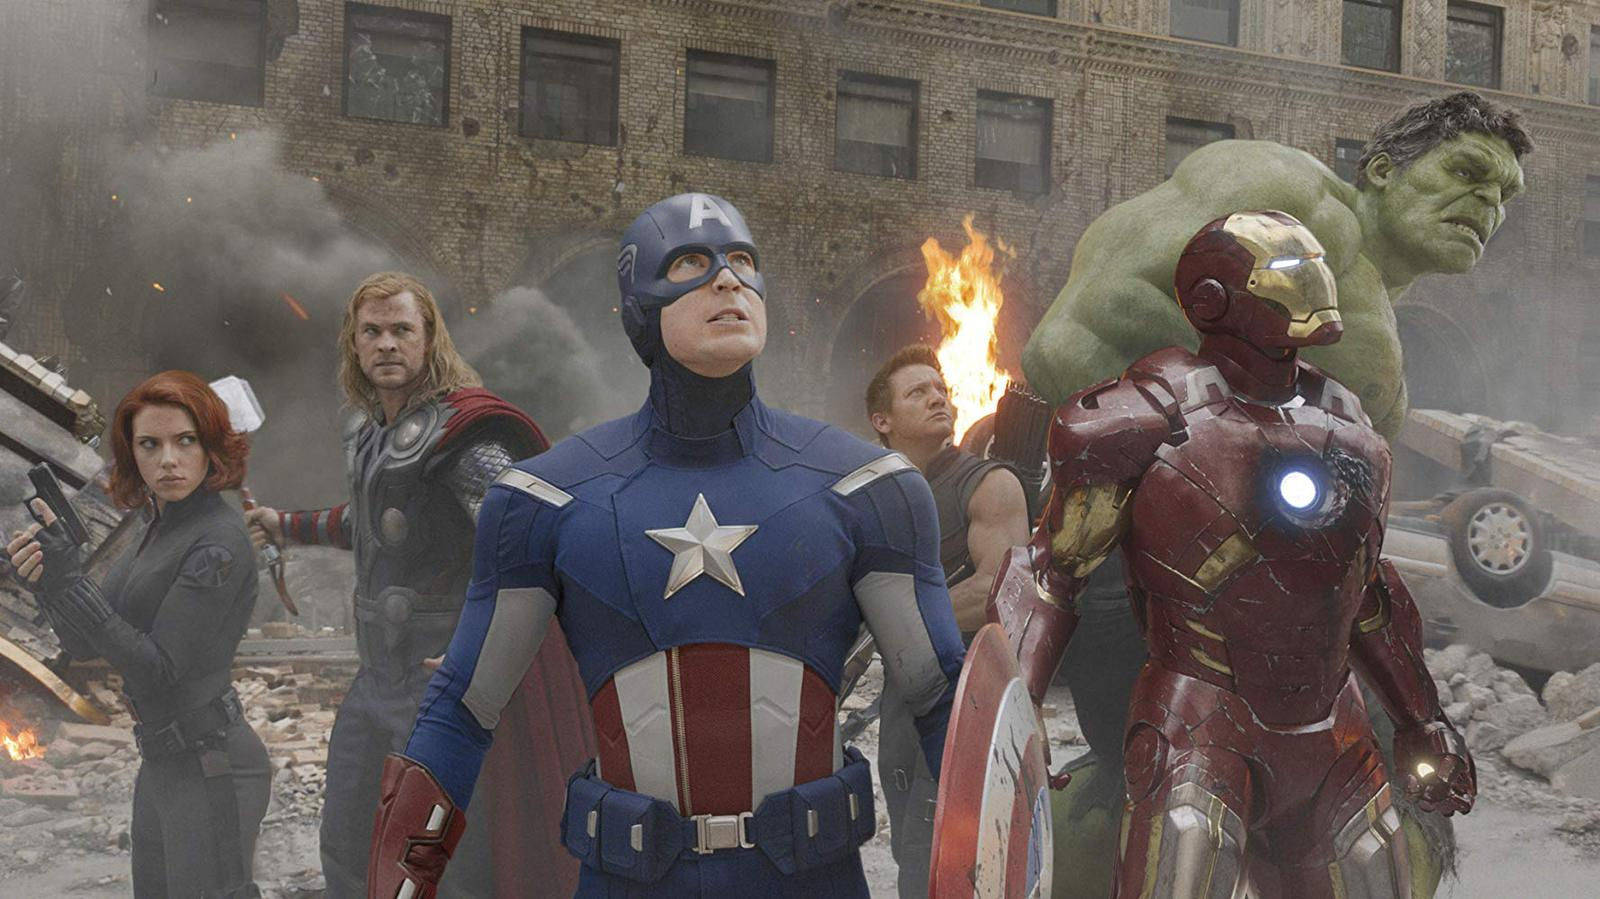 【復仇者聯盟4:終局之戰】Avengers 4 Endgame 劇透分享 方便二刷+重溫MCU 21部作品 - 香港 unwire.hk